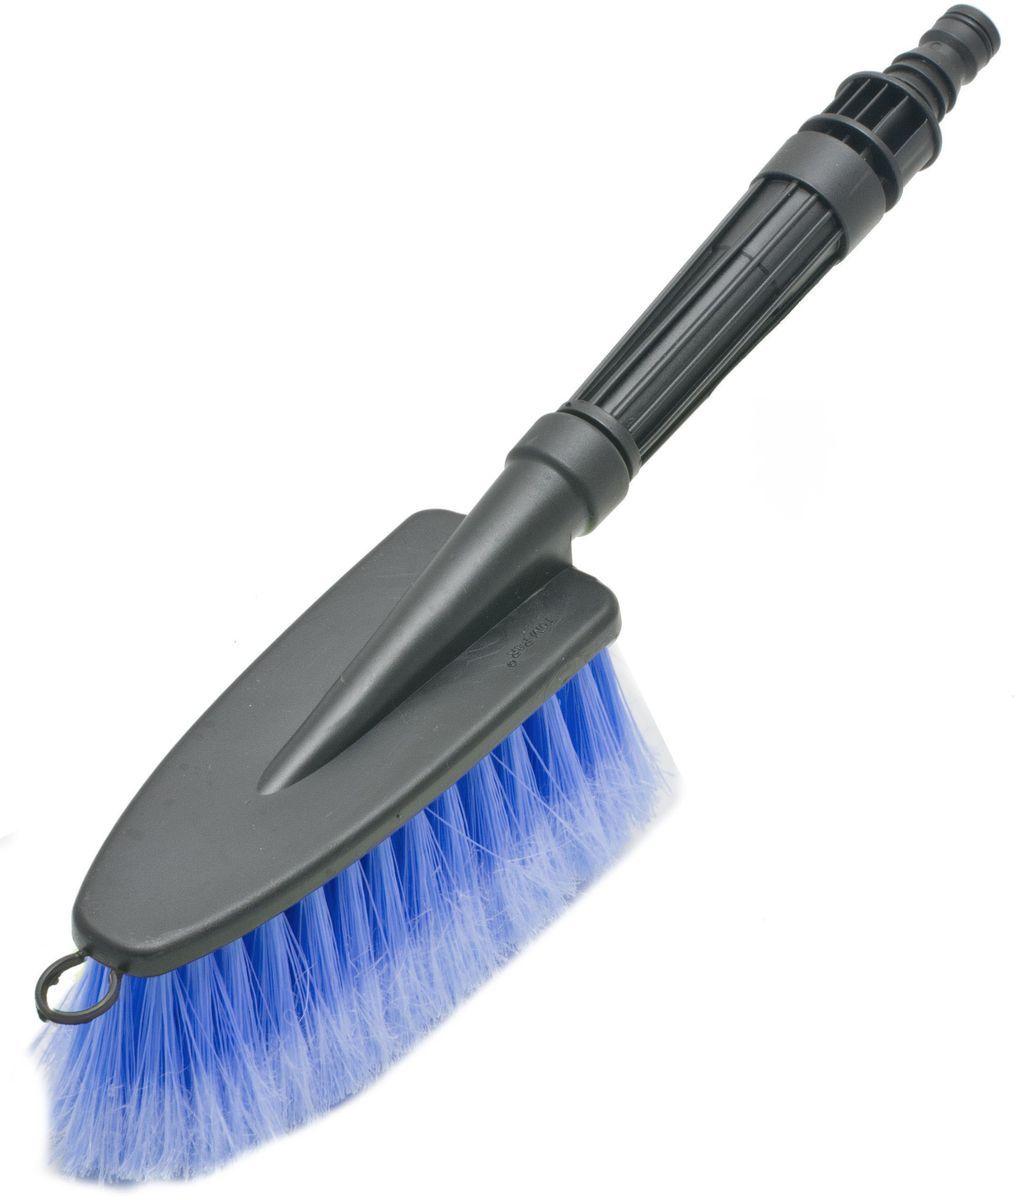 Щетка для мытья под шланг Главдор GL-581, с двойным клапаном, цвет: голубойGL-581Щетка для мытья с мягкой, распушенной щетиной, изготовлена из прочного пластика. Снабжена адаптером (насадкой) дляподключения к шлангу идвойным клапаном.